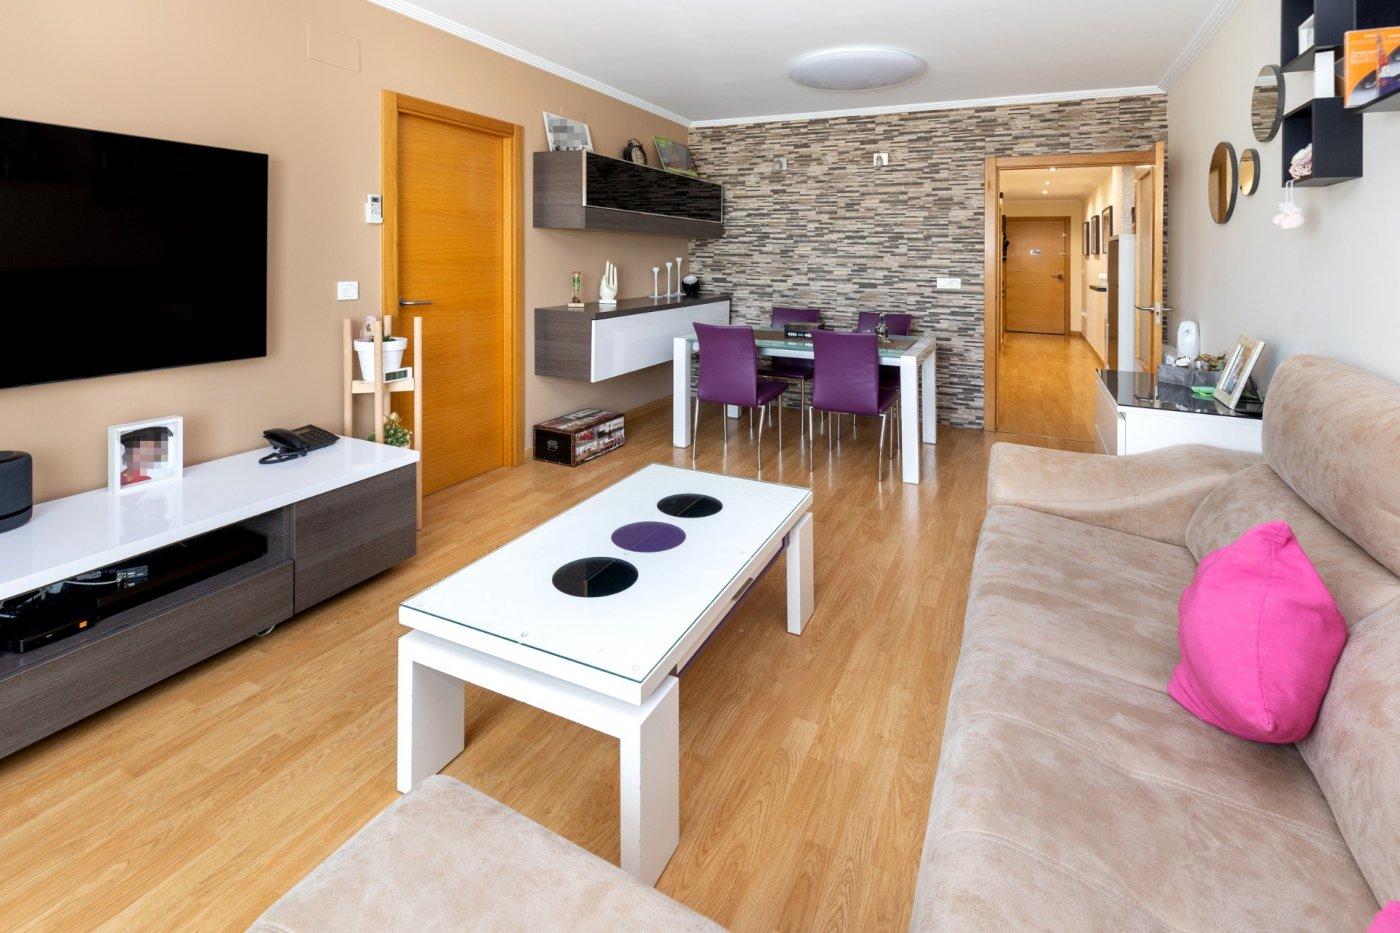 Pisazo  listo para entrar a vivir con garaje y trastero y diseño moderno en churriana¡¡